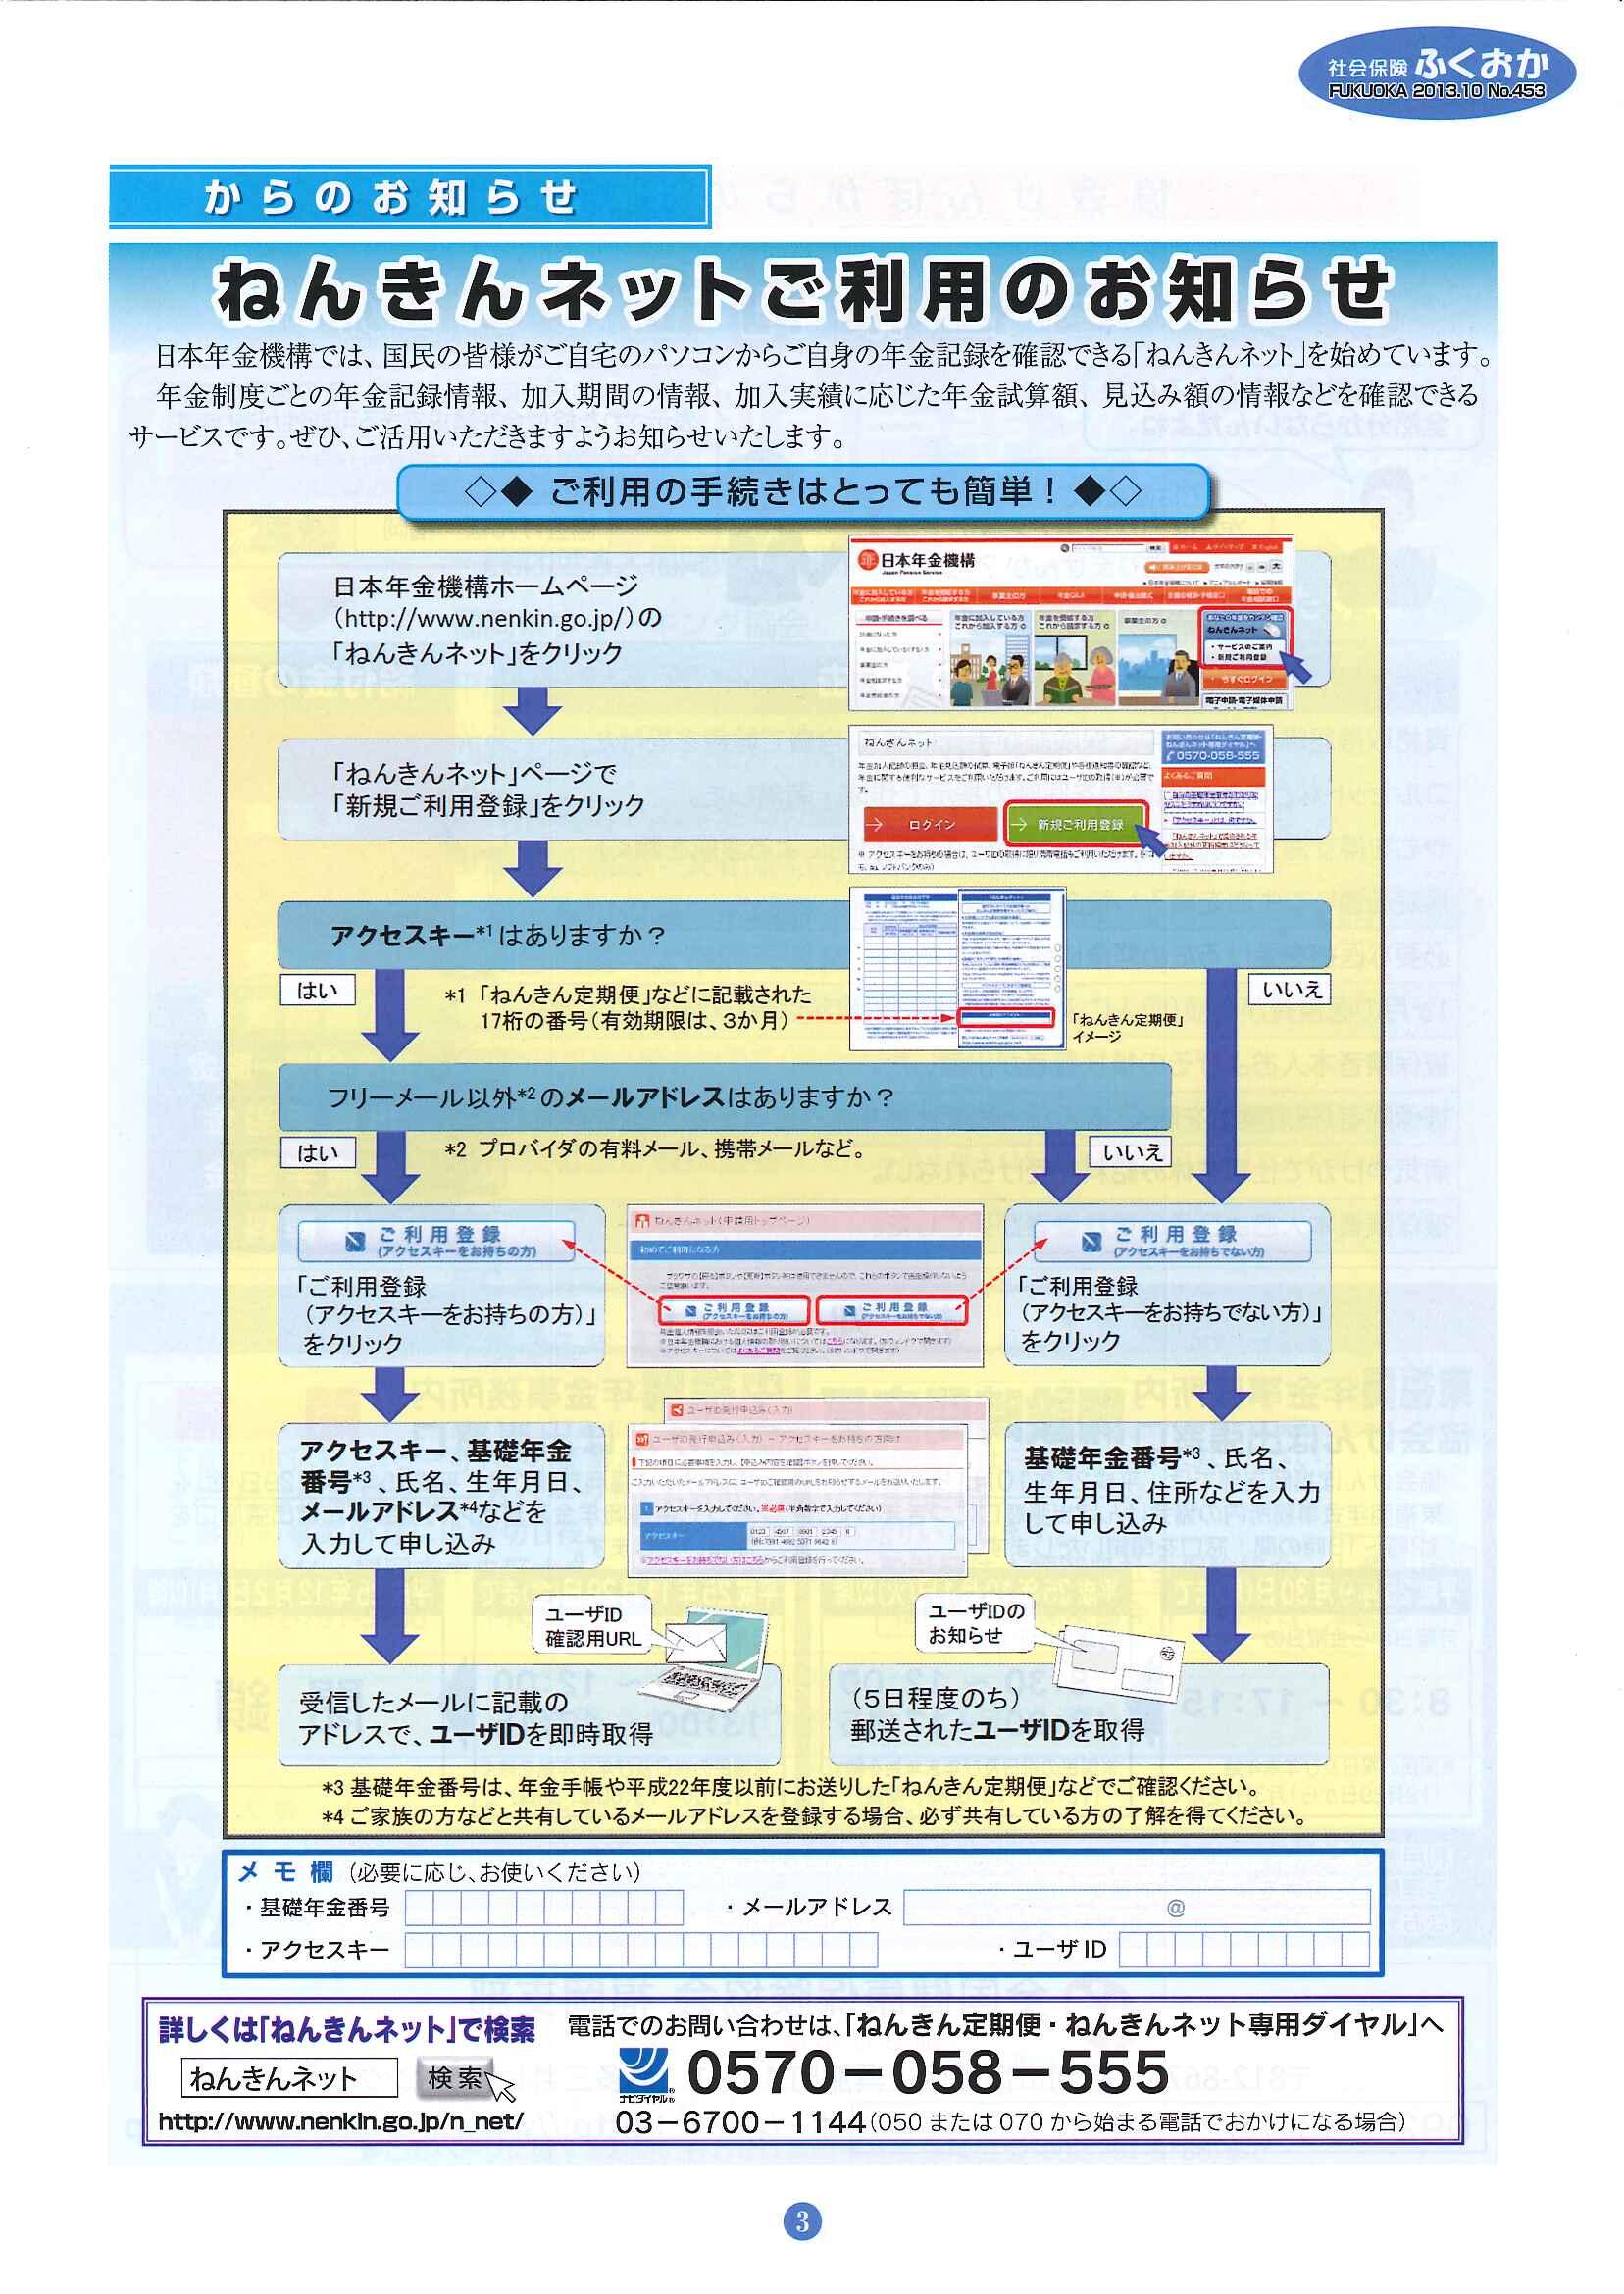 社会保険 ふくおか 2013年 10月号_f0120774_15084.jpg